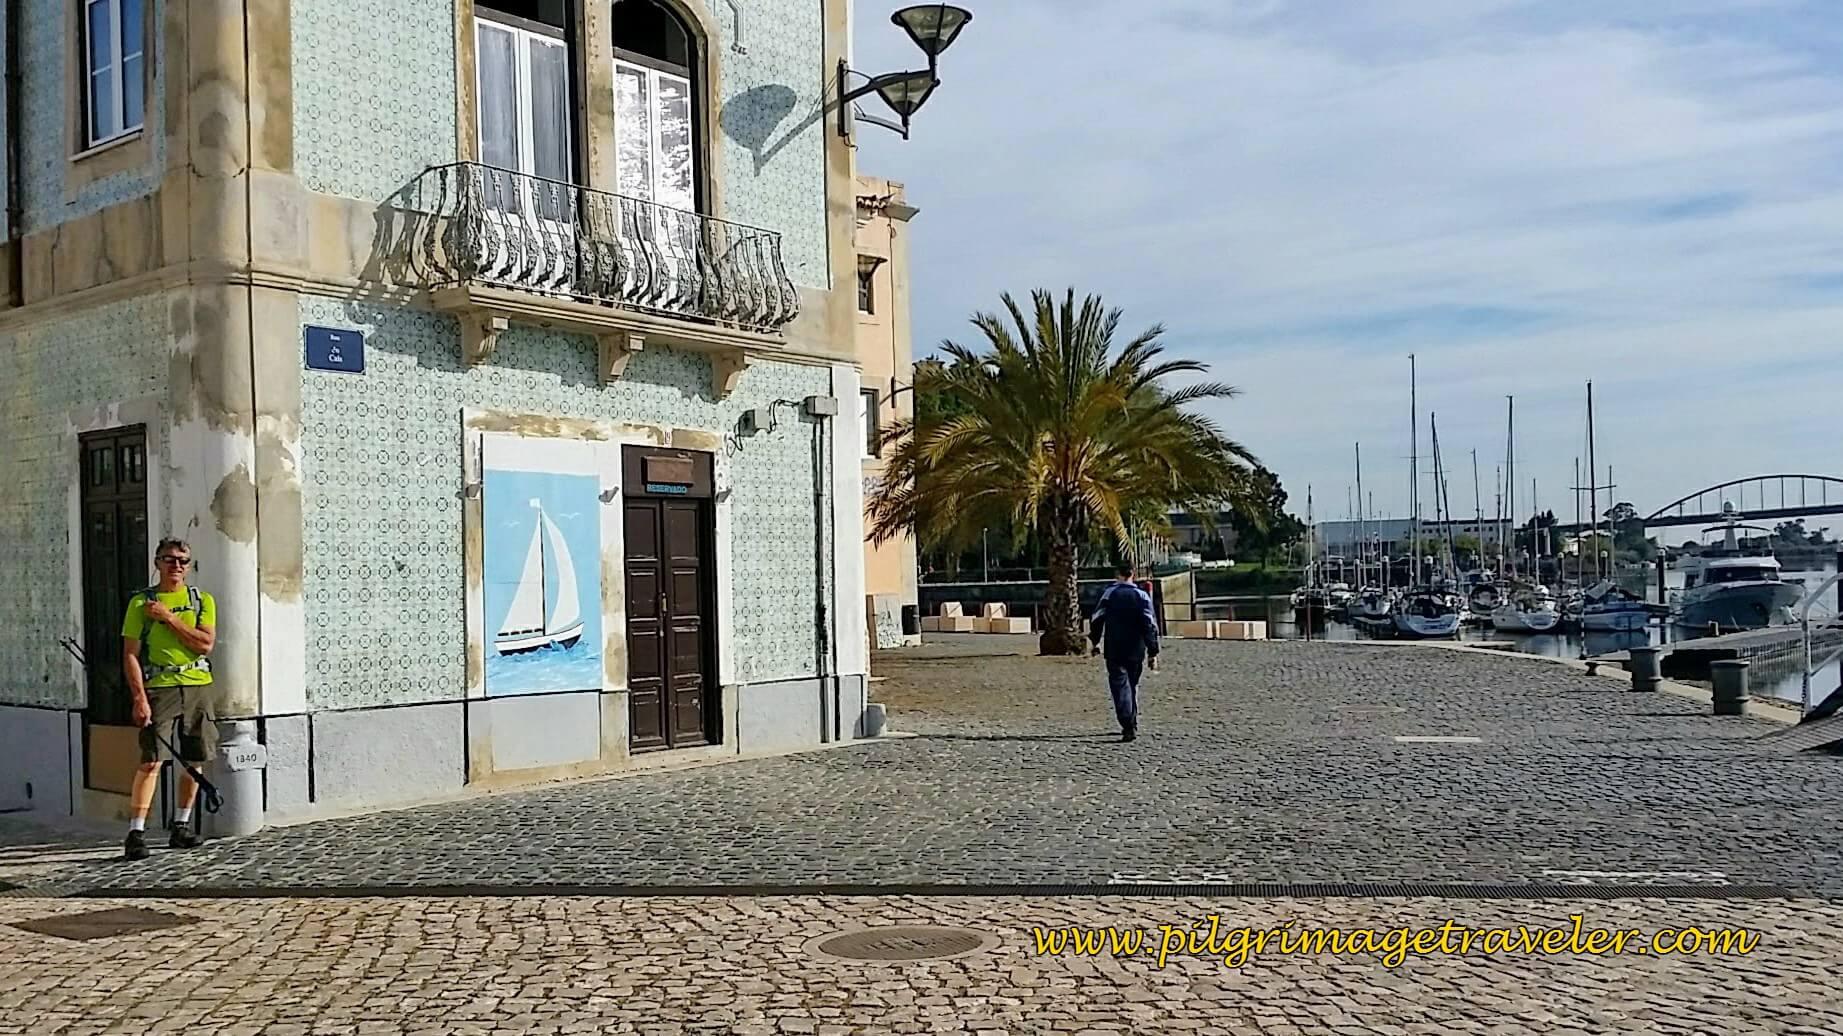 The Docks at Vila Franca de Xira, Portugal